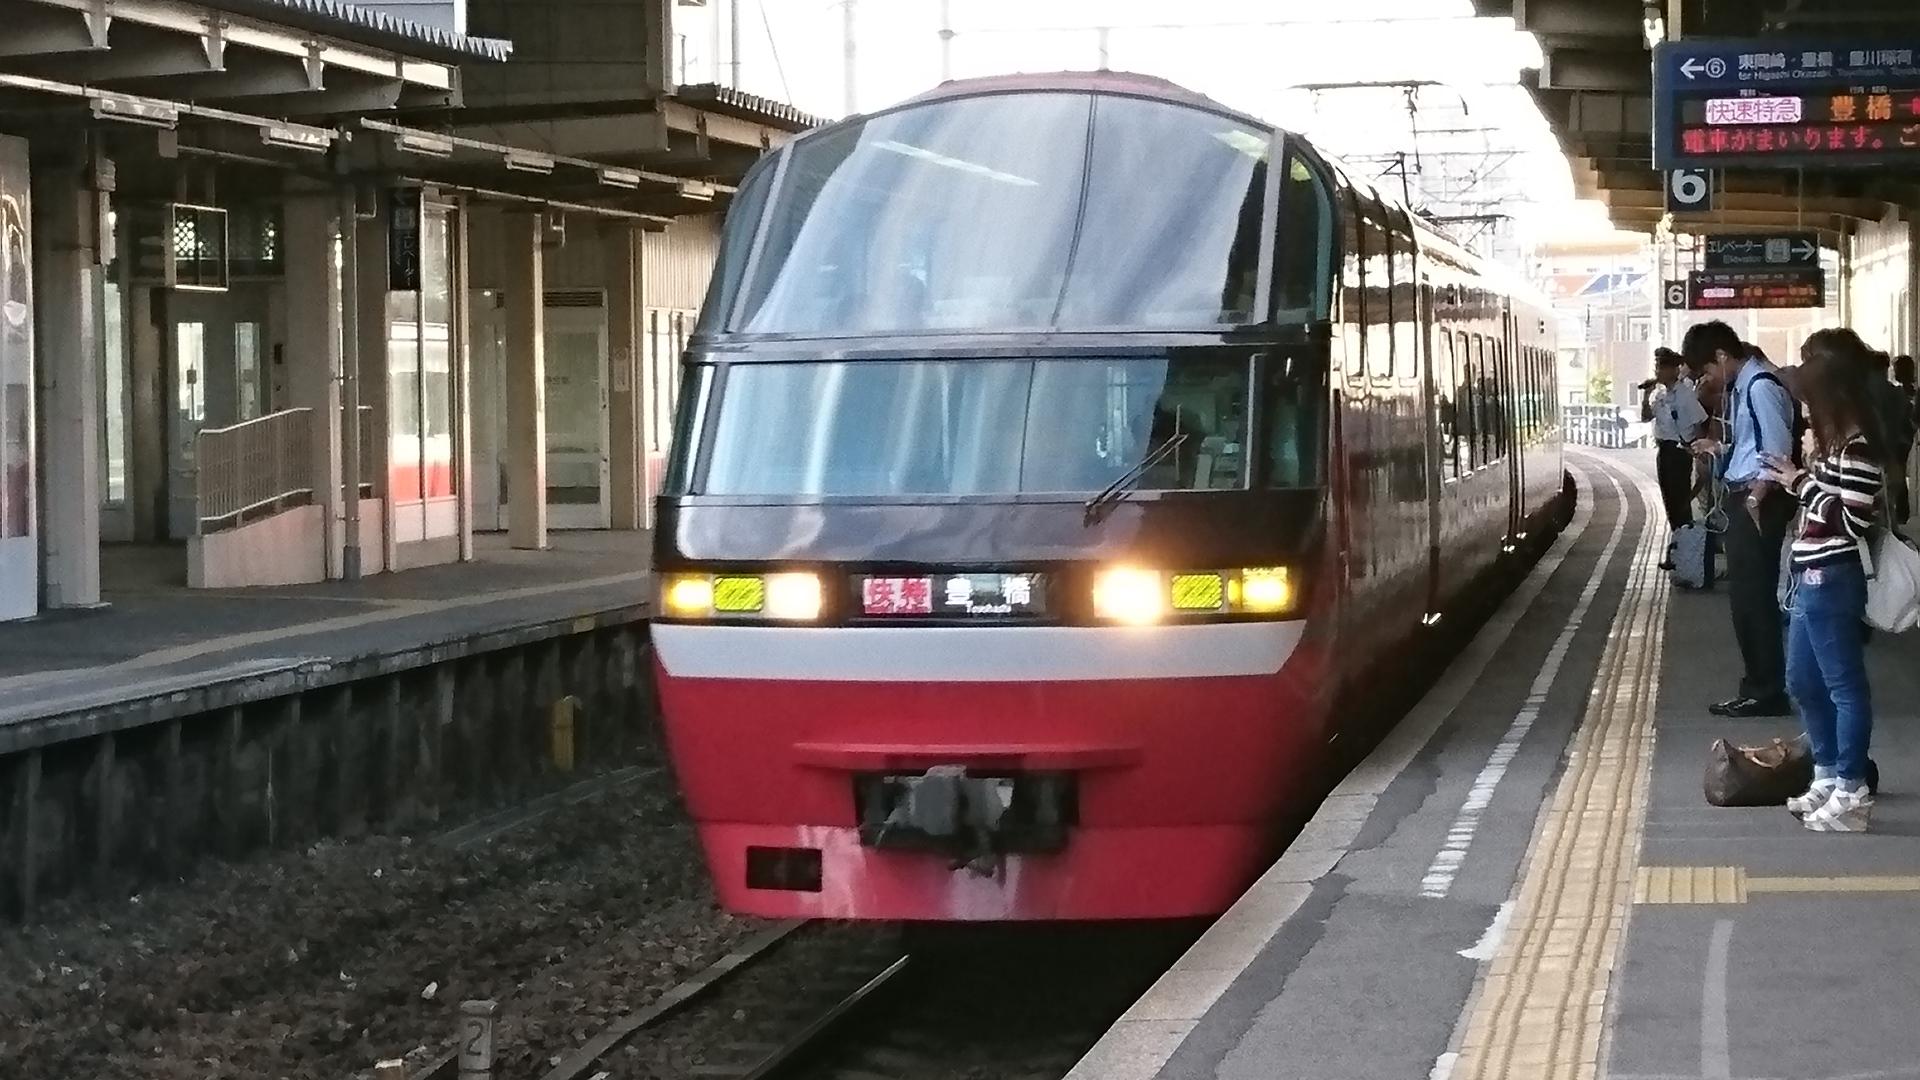 2016.10.16 (7) 知立 - 豊橋いき快速特急